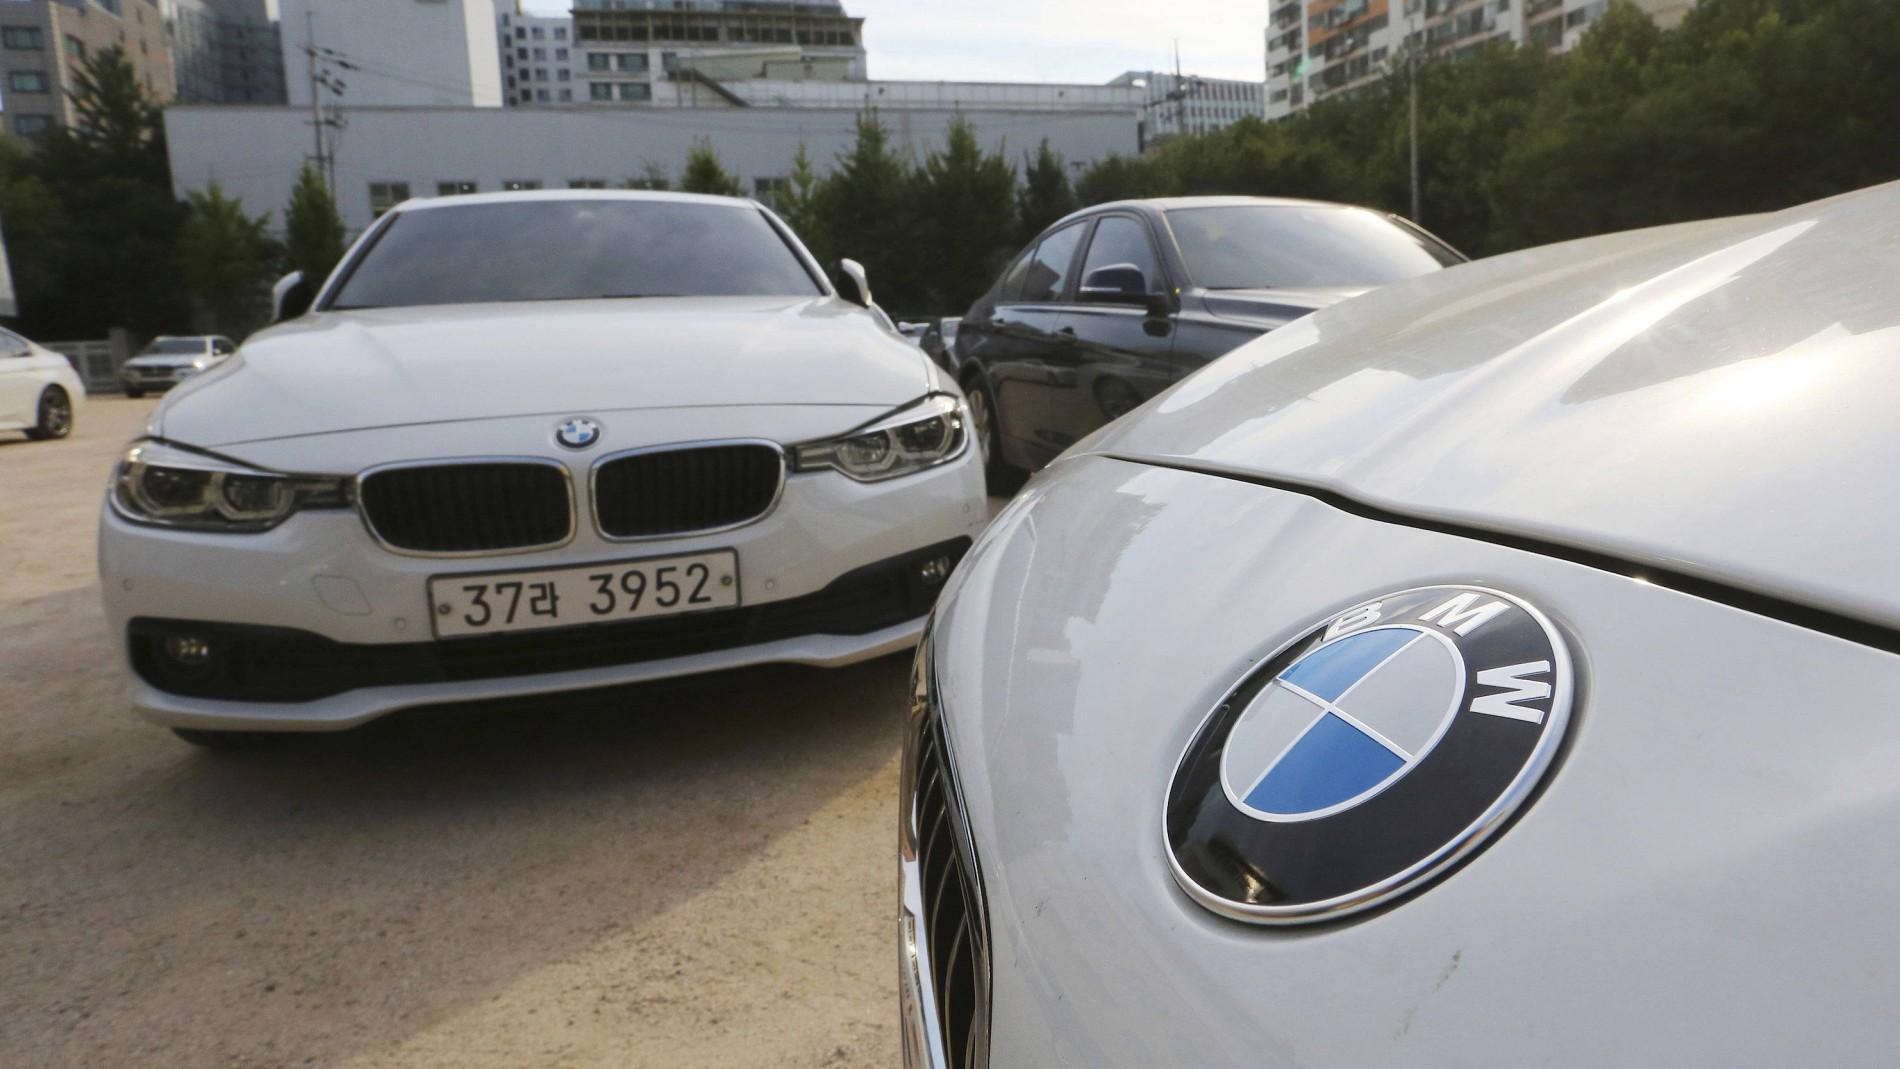 Südkorea Erteilt Fahrverbote Für Bmw Autos In Korea